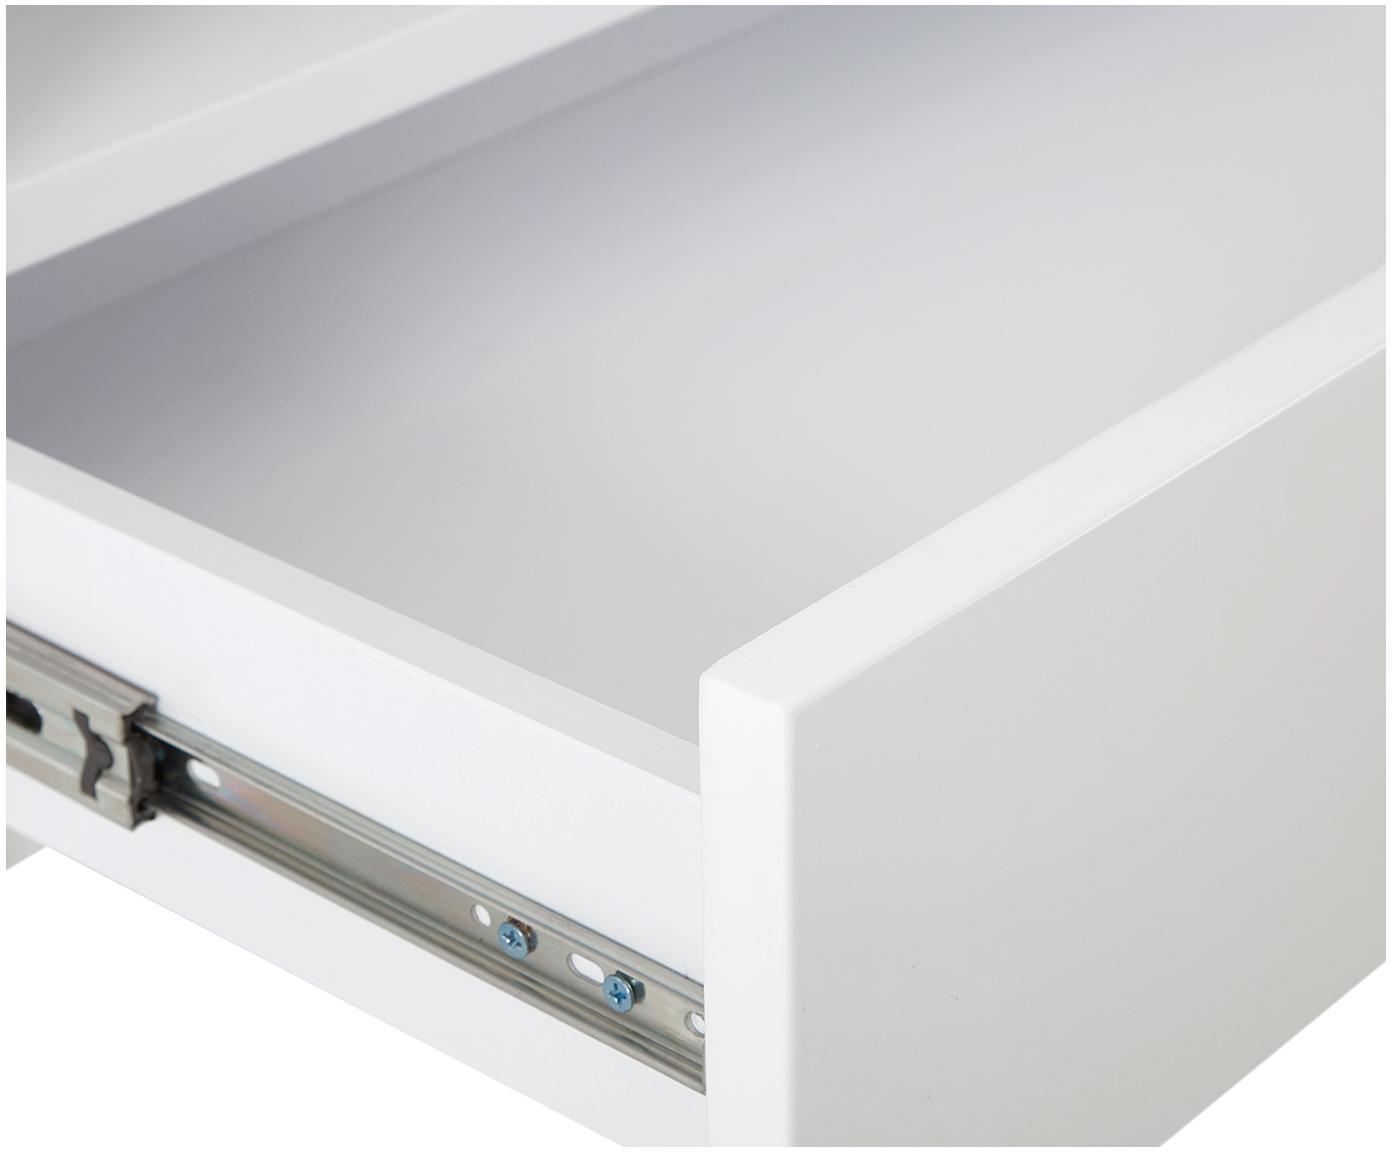 Tv-meubel Fiona met oppervlak in marmerlook, Frame: gelakt MDF, Poten: gepoedercoat metaal, Plank: keramiek, Frame: mat wit poten: mat wit plank: wit, gemarmerd, 160 x 46 cm